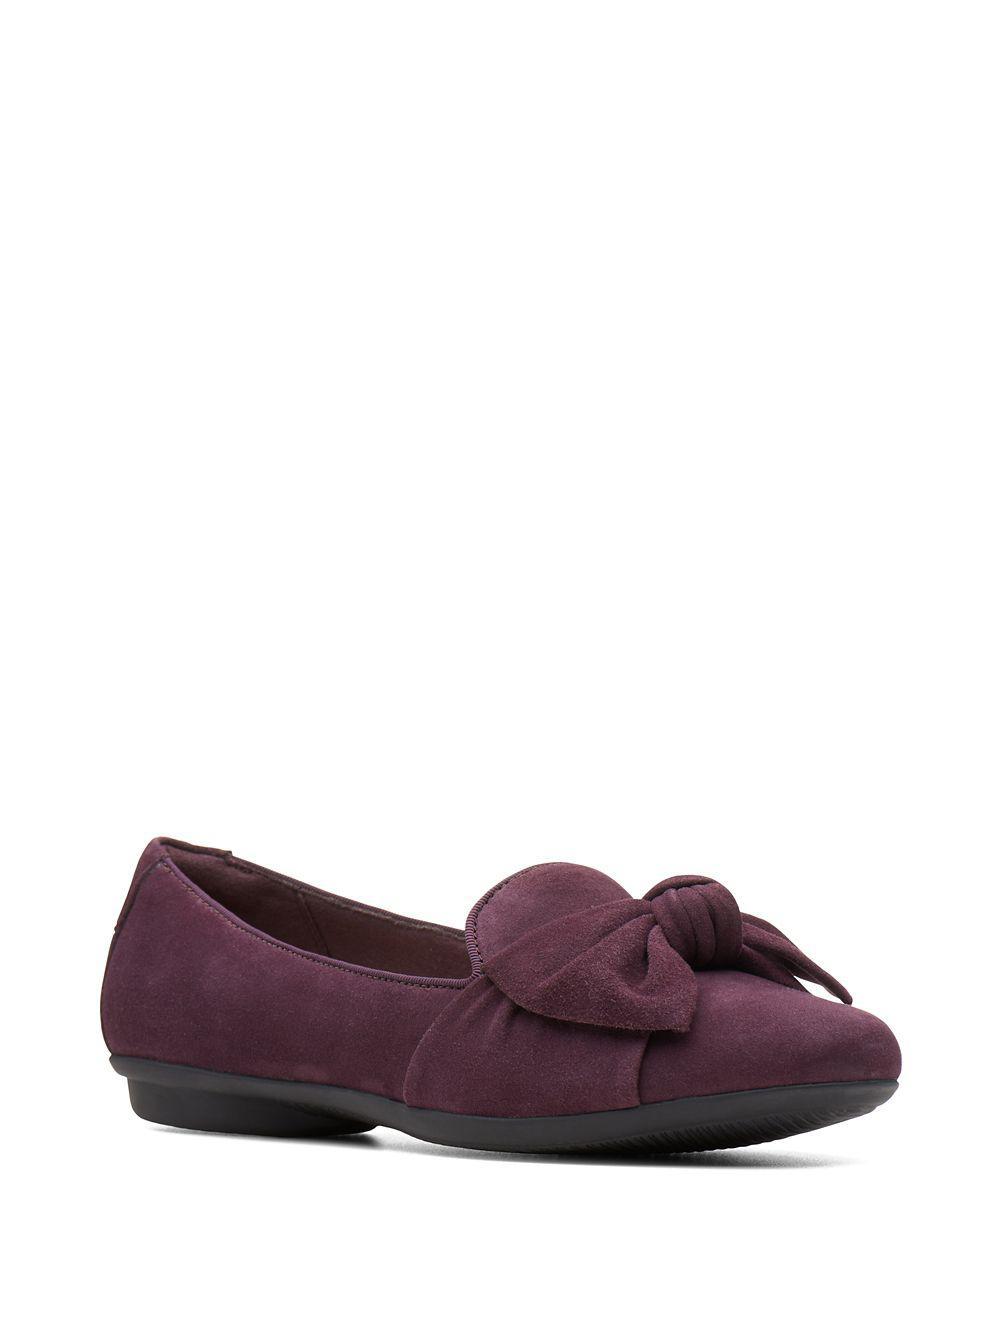 783d1b2ba63f Lyst - Clarks Gracelin Jonas Suede Ballet Flats in Purple